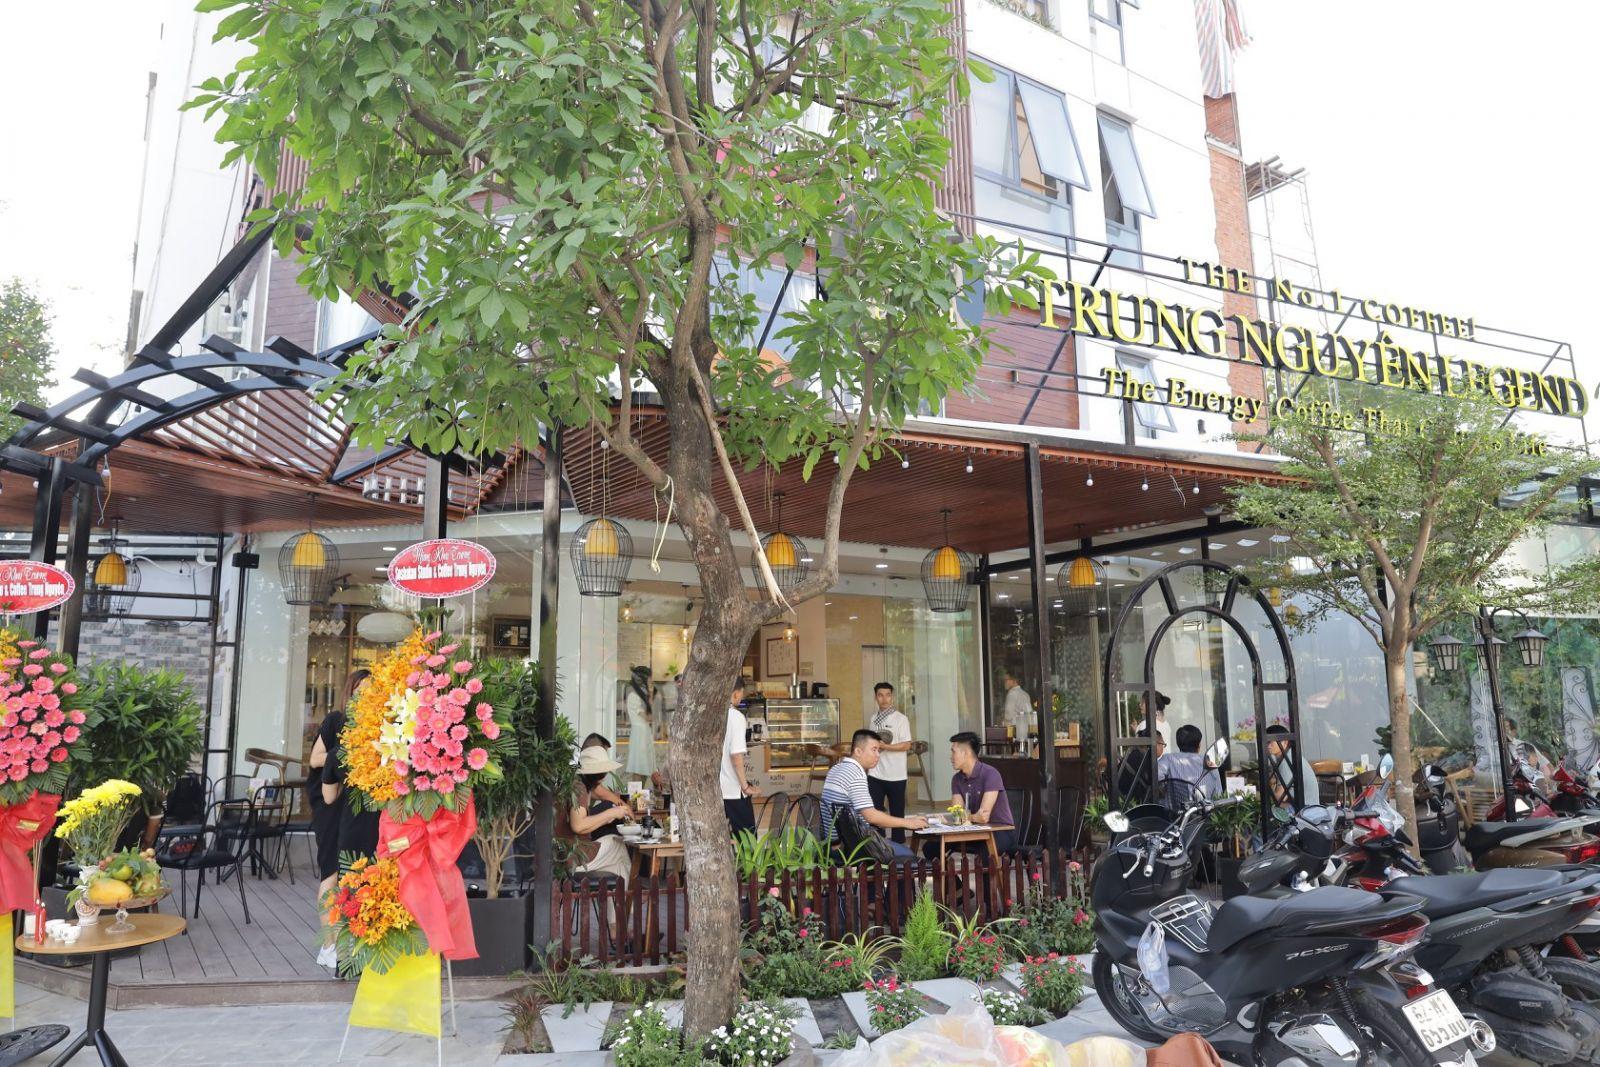 noi-that-quan-cafe-trung-nguyen-legend-him -lam-3